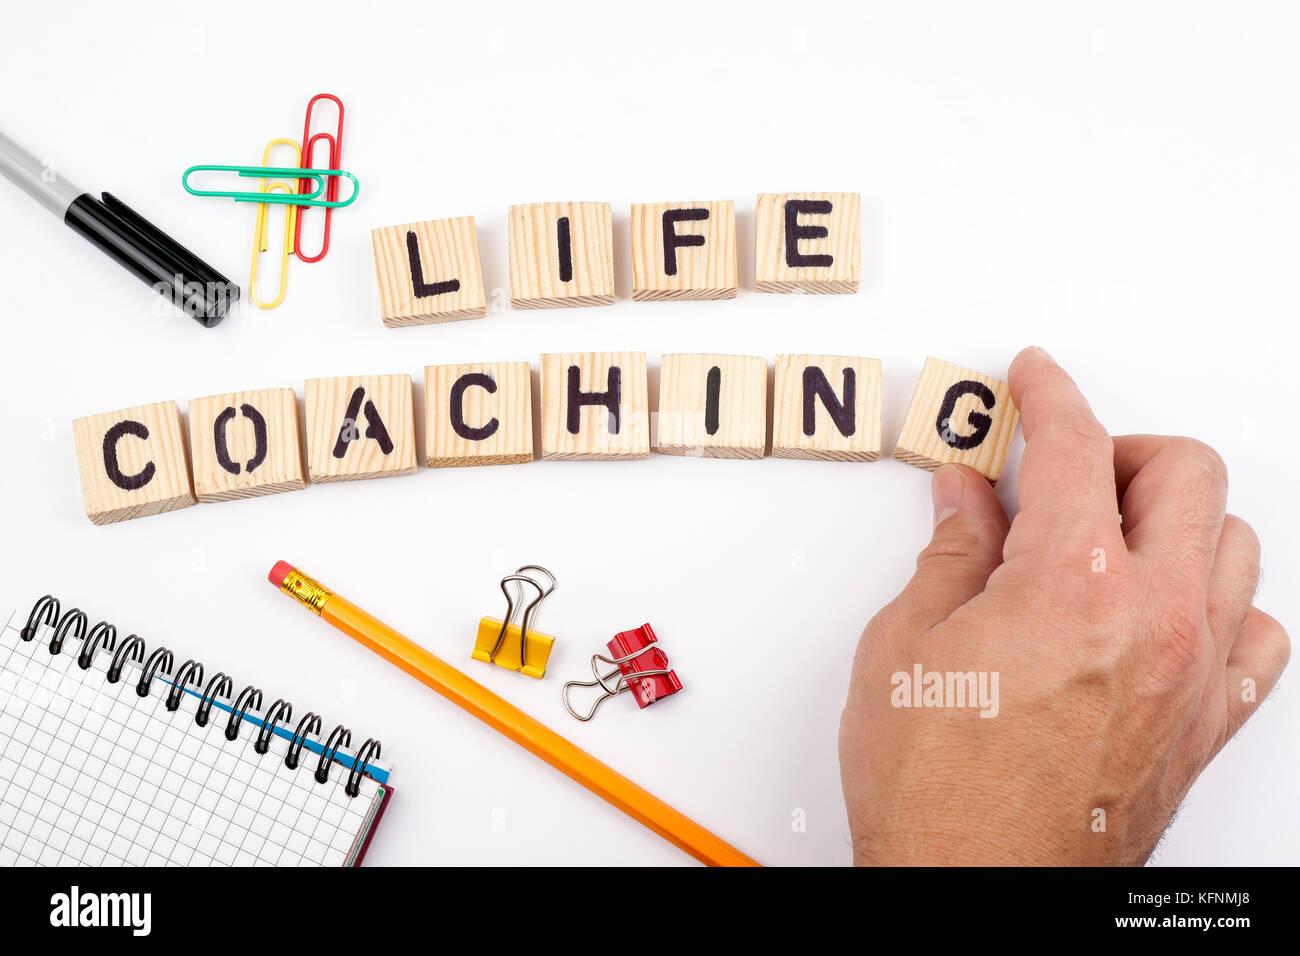 Life Coaching. Holz- Buchstaben auf weißem Hintergrund Stockbild